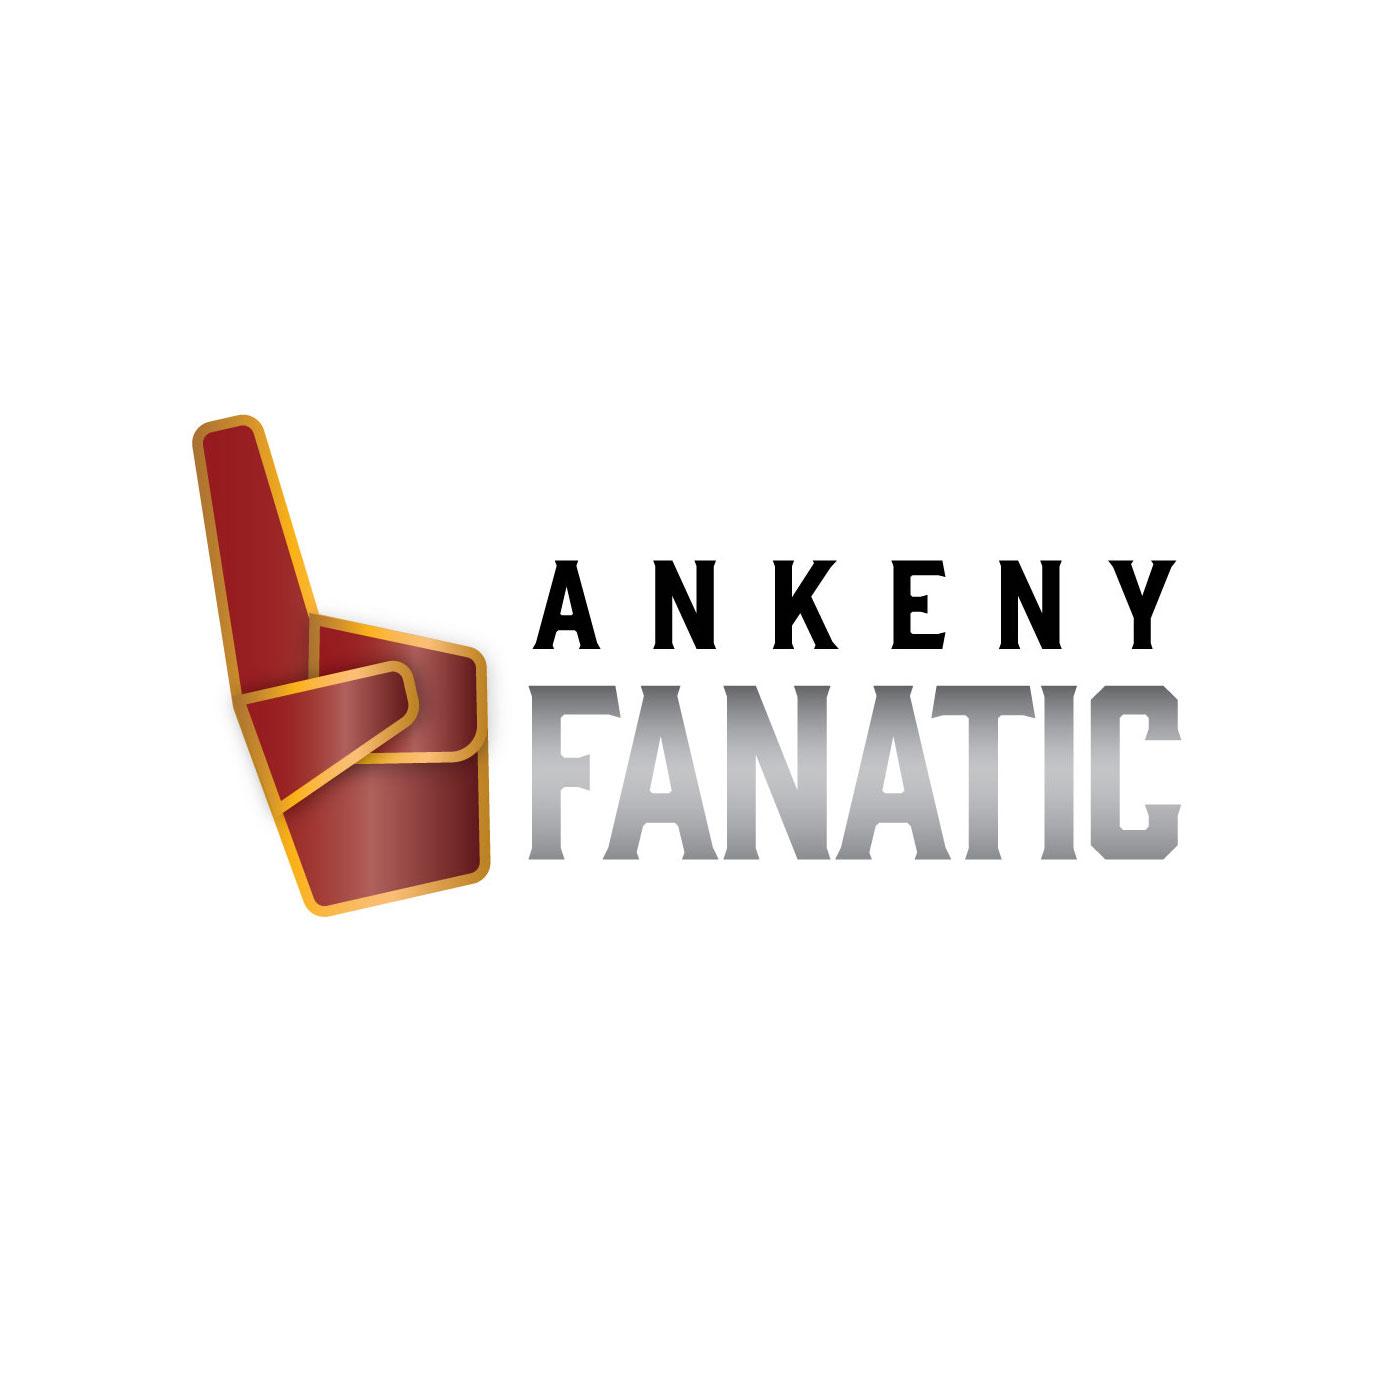 Ankeny Fanatic